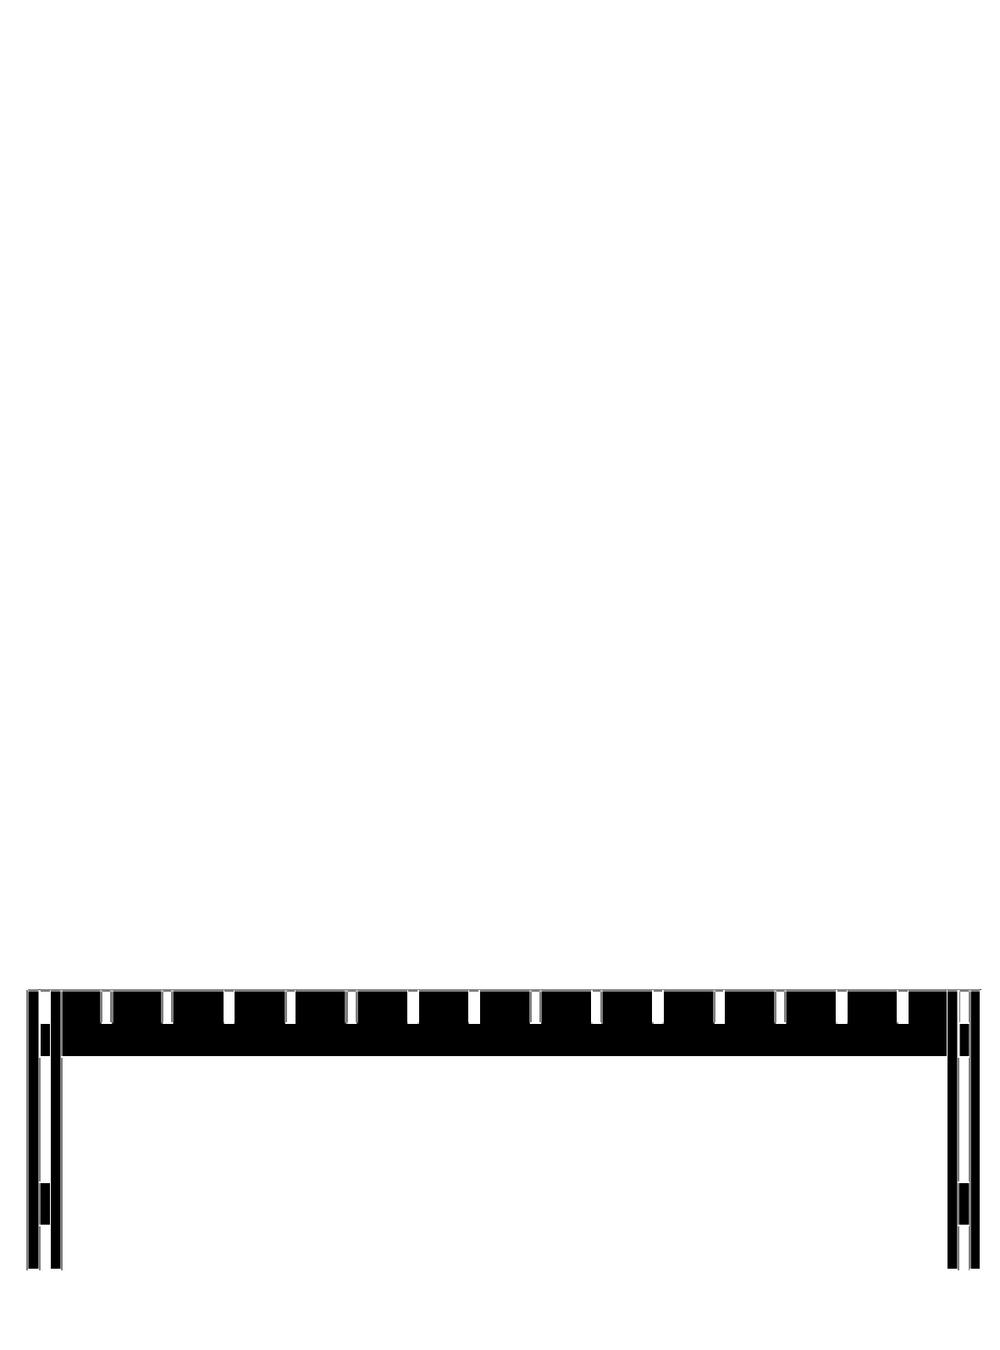 Stiefma silhouette.jpg